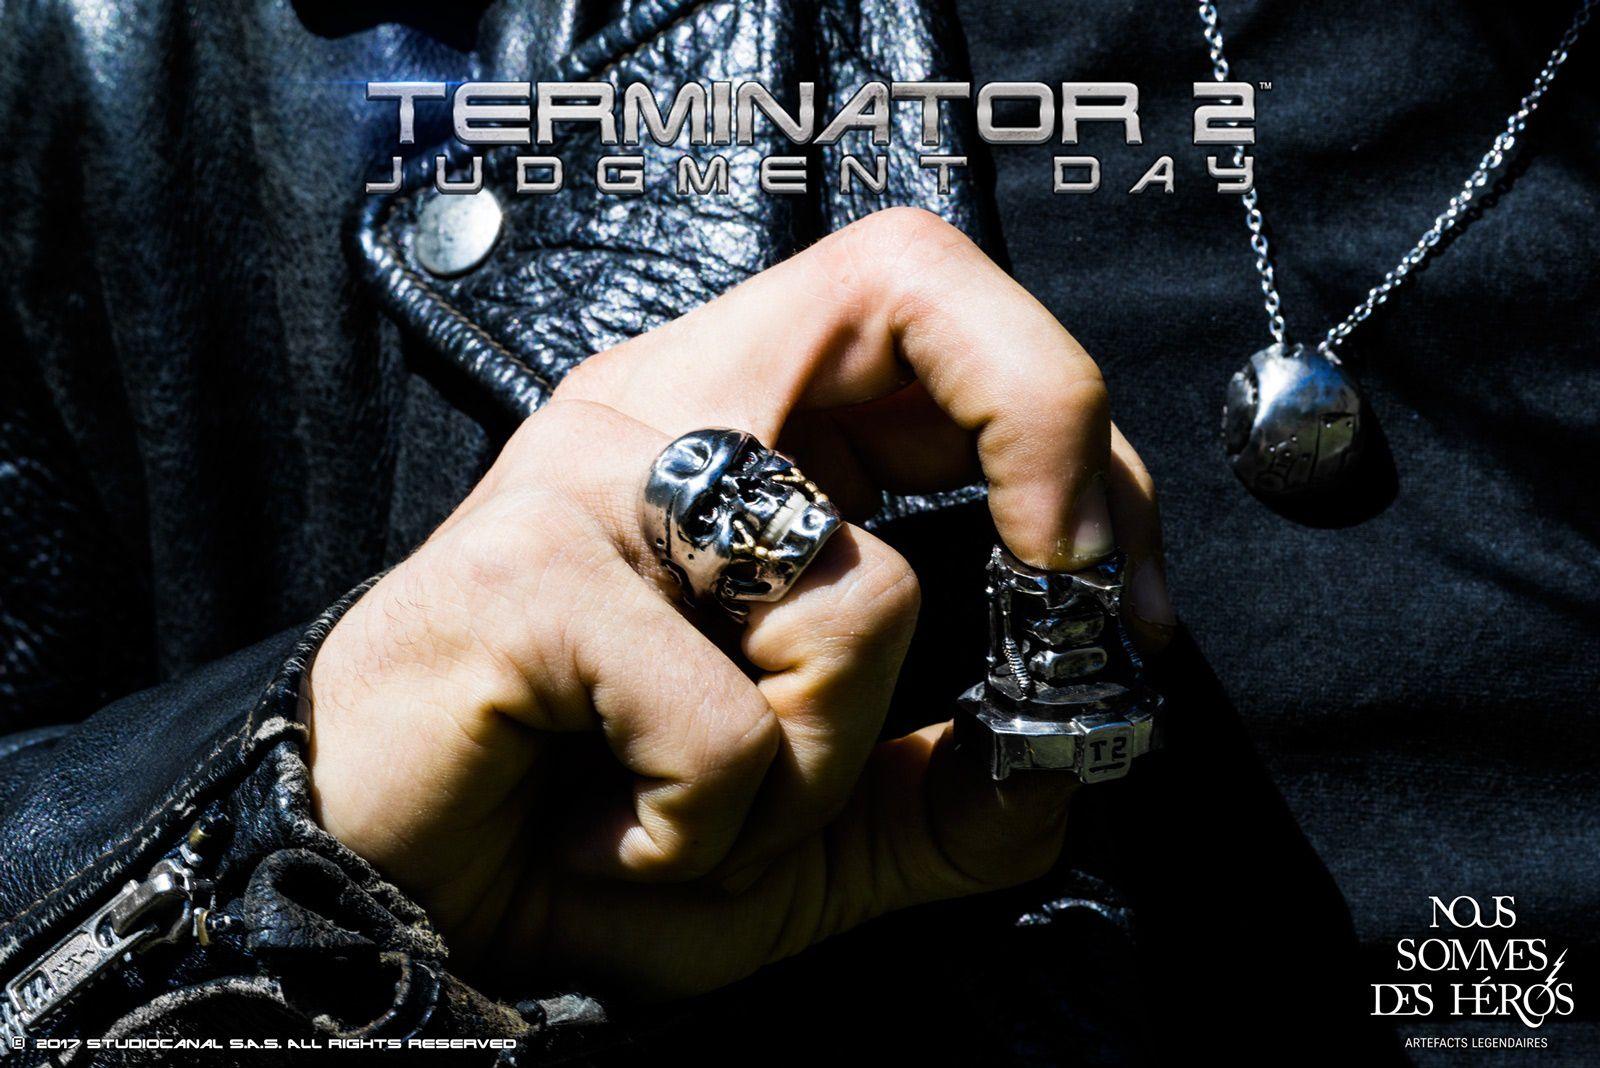 #GEEK : Nous Sommes Des Héros a lancé des bijoux Collector Terminator 2 ! #NSDH